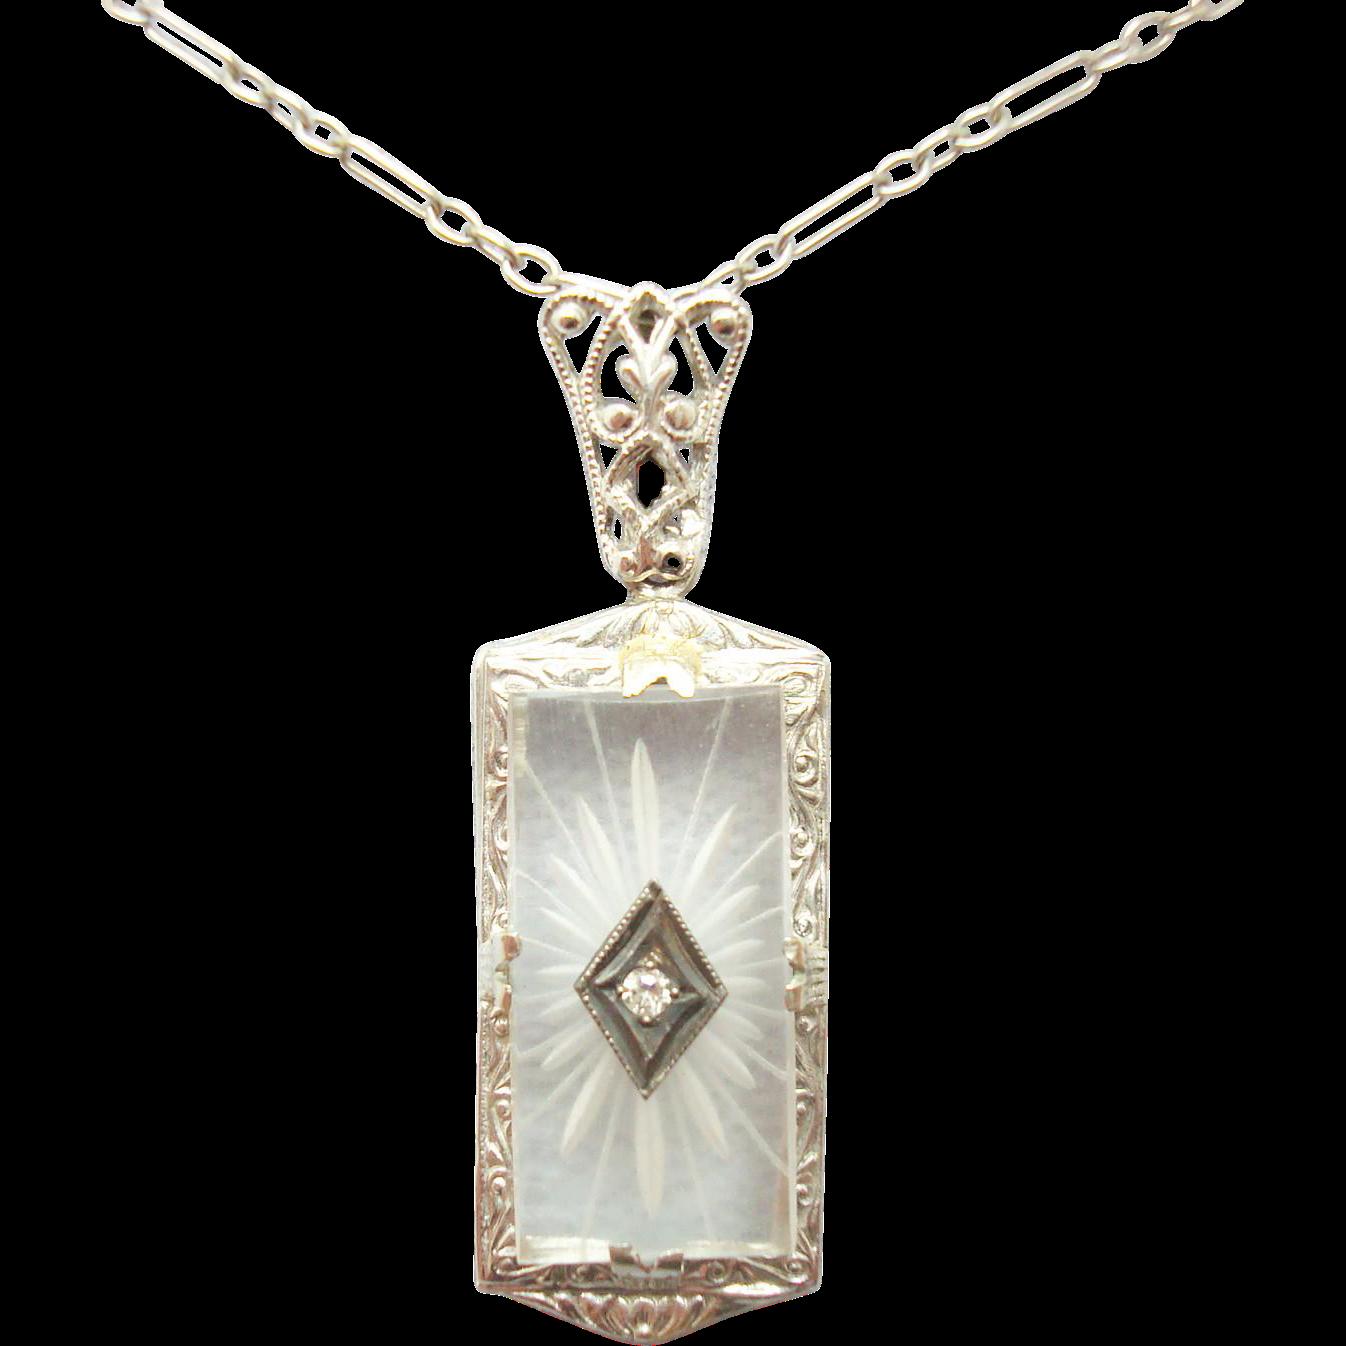 14 Karat Rectangular Camphor / Rock Crystal Pendant with Diamond